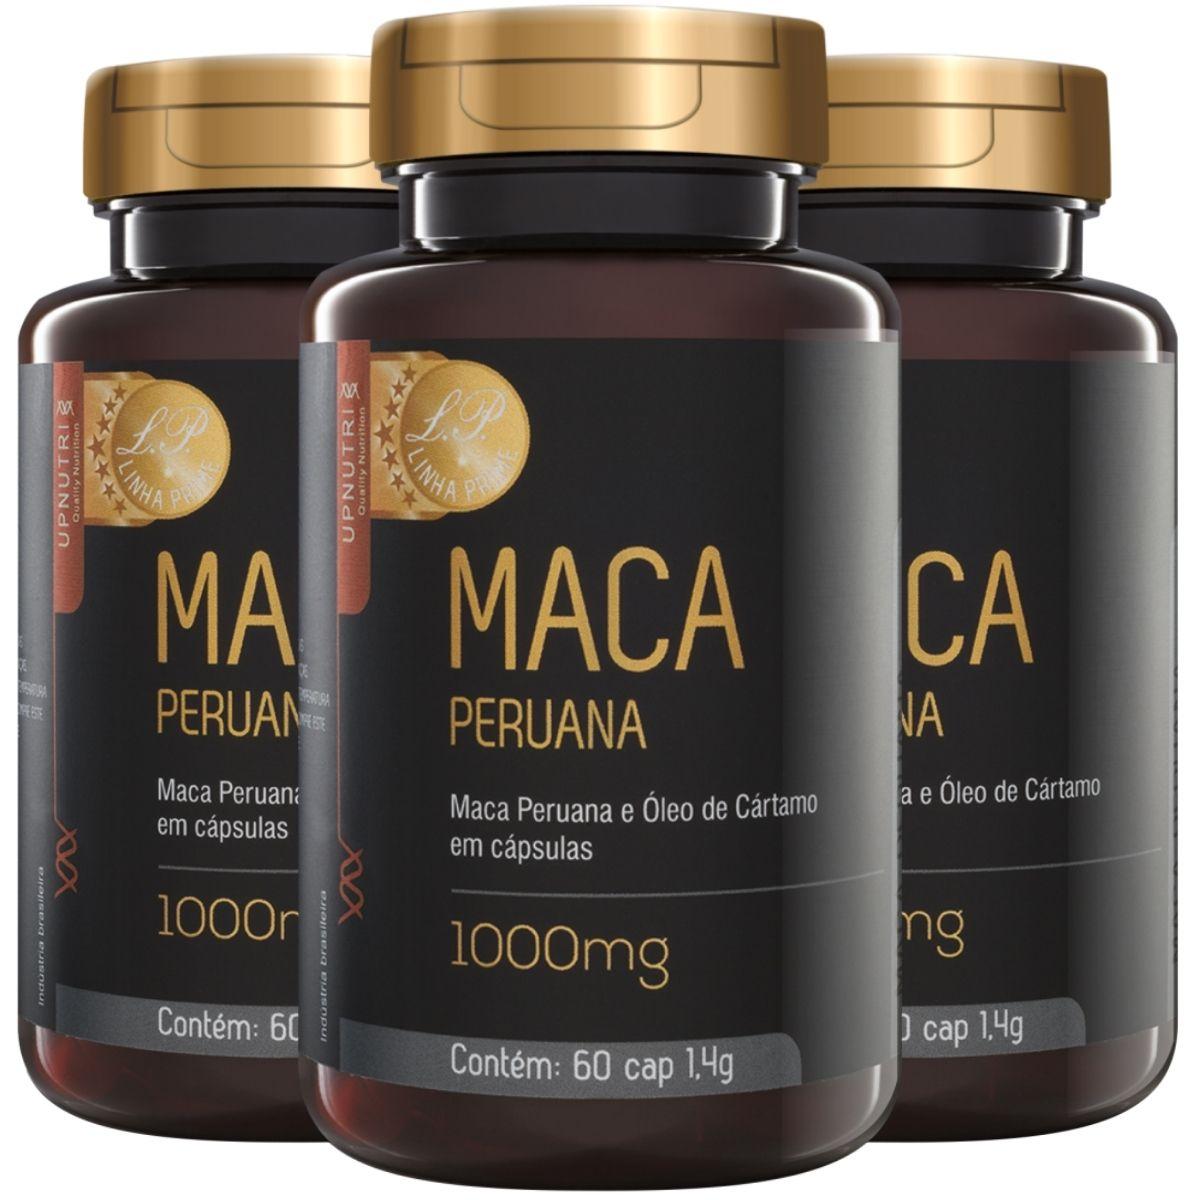 Kit 3 Maca Peruana E Óleo de Cártamo 1000mg 60 Cápsulas - Upnutri Prime